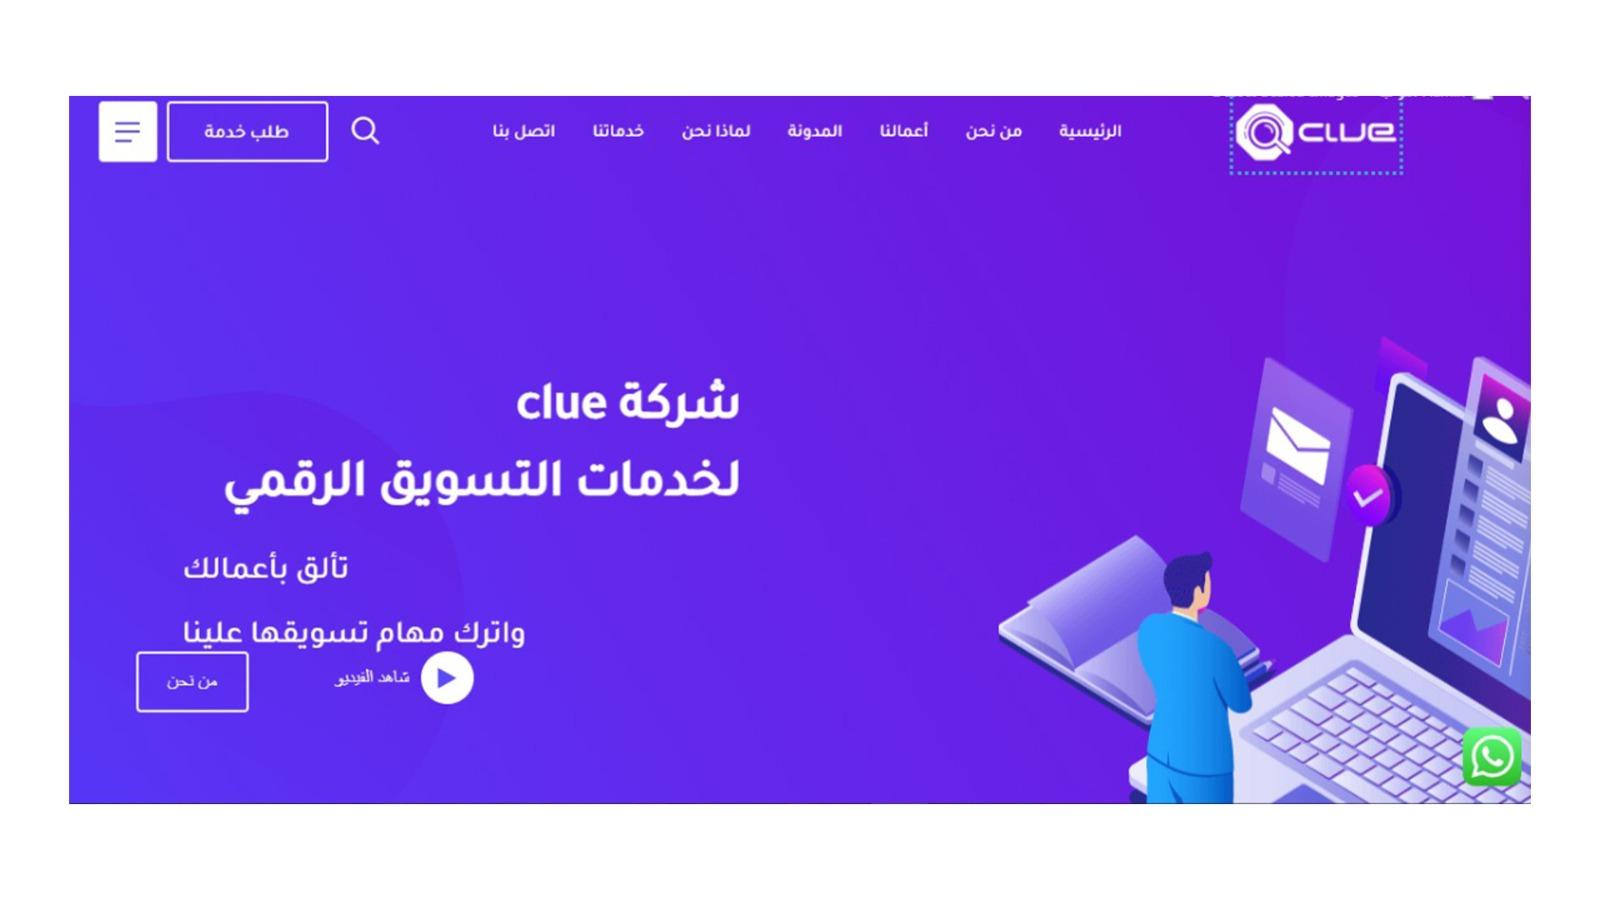 موقع شركة clue لخدمات التسويق الرقمي